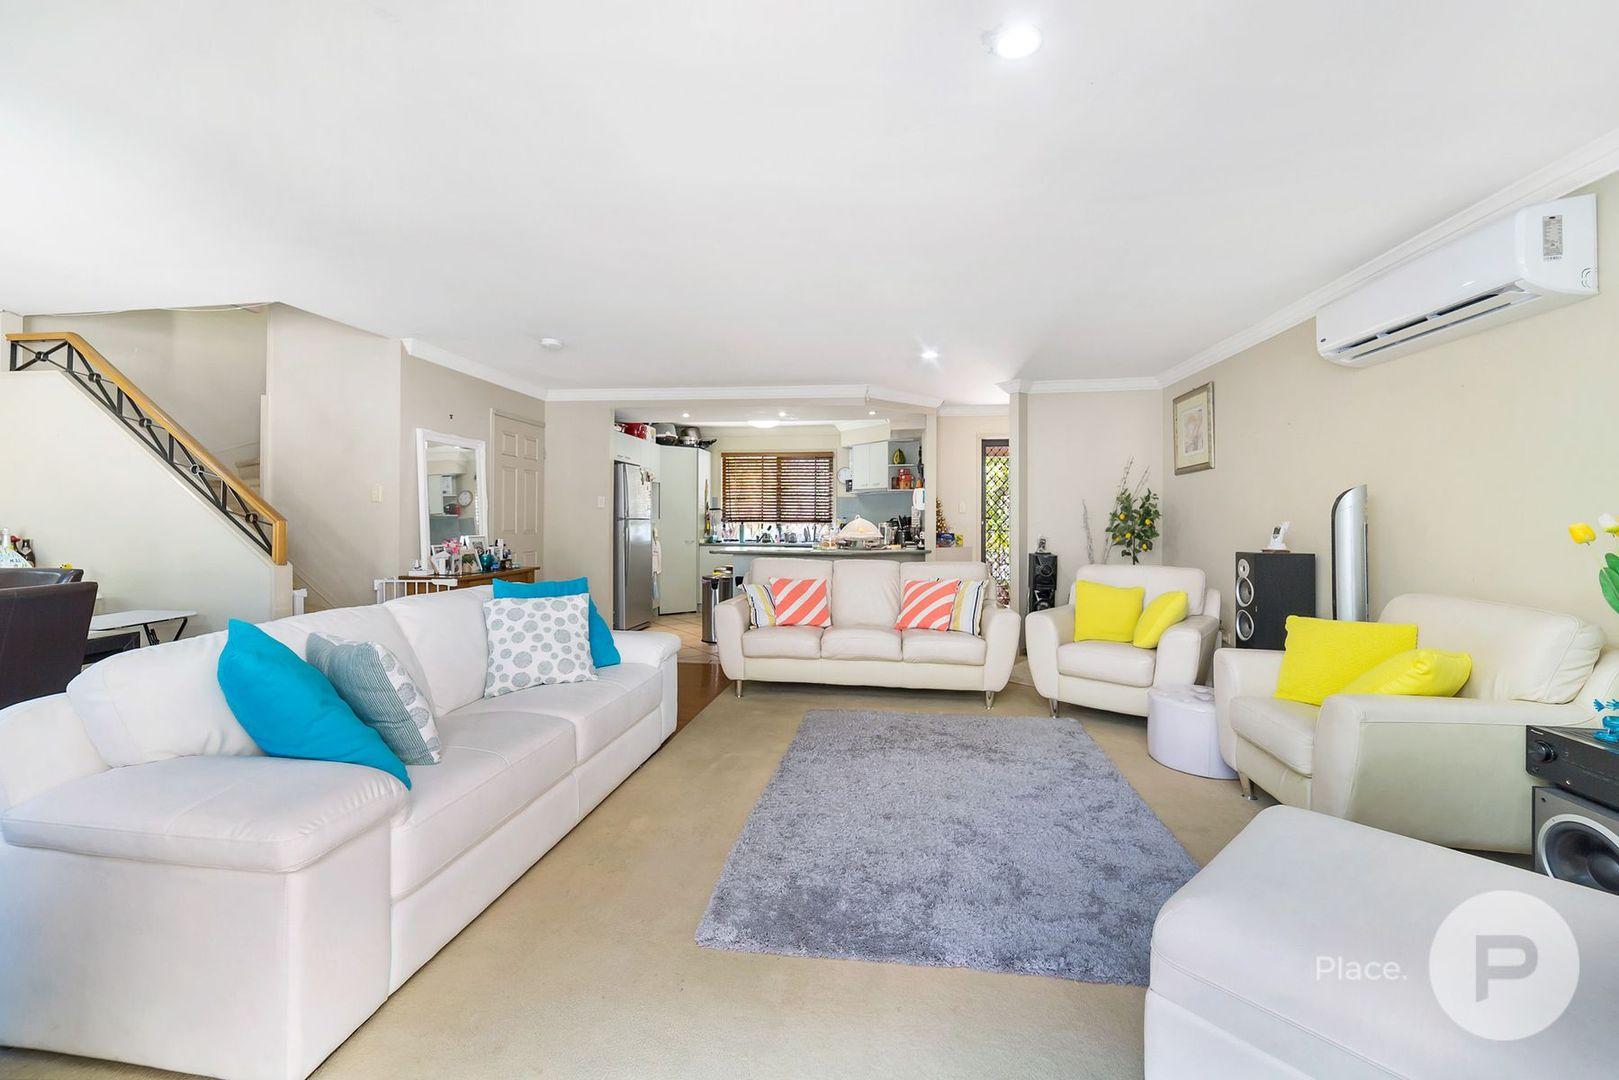 5/105 Oldfield Road, Sinnamon Park QLD 4073, Image 2